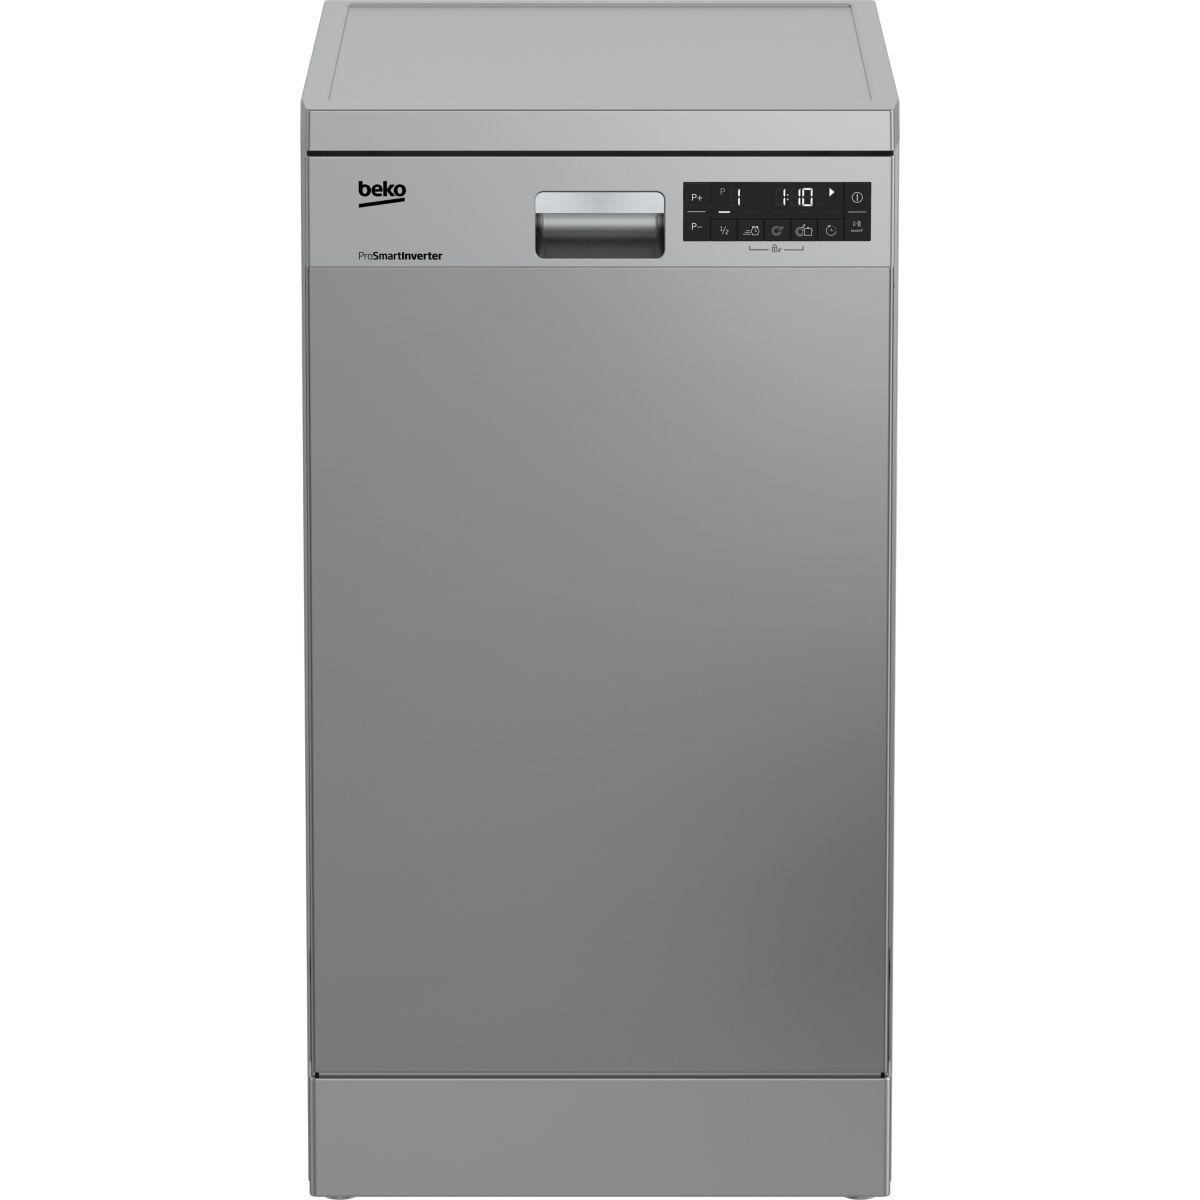 Lave vaisselle 45 cm beko dfs28020x - livraison offerte : code premium (photo)